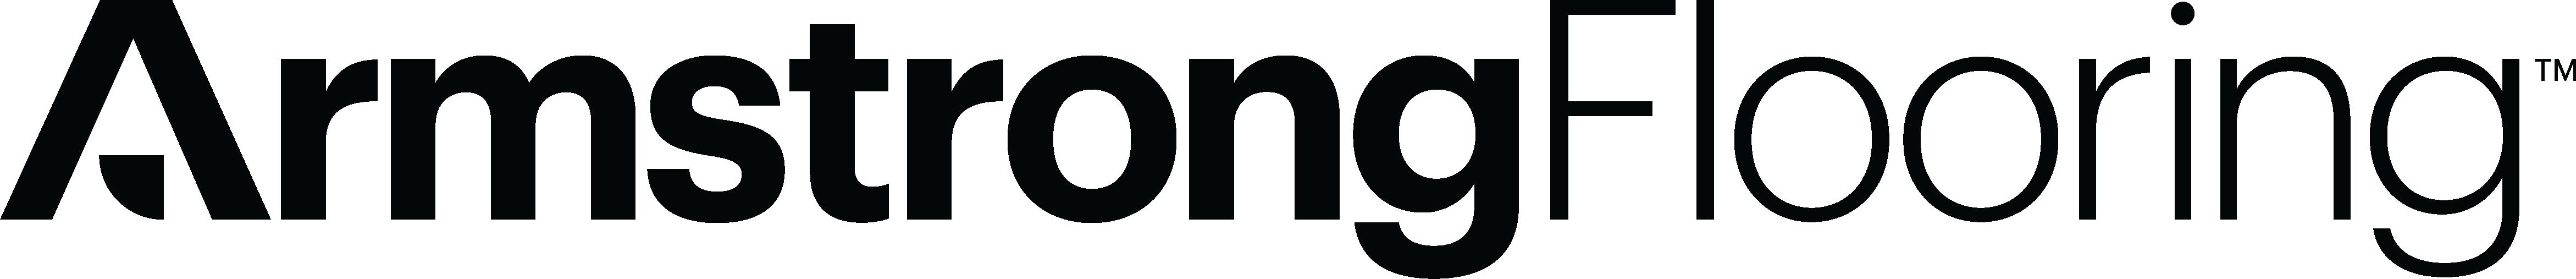 ArmstrongFlooring_Logo_Black